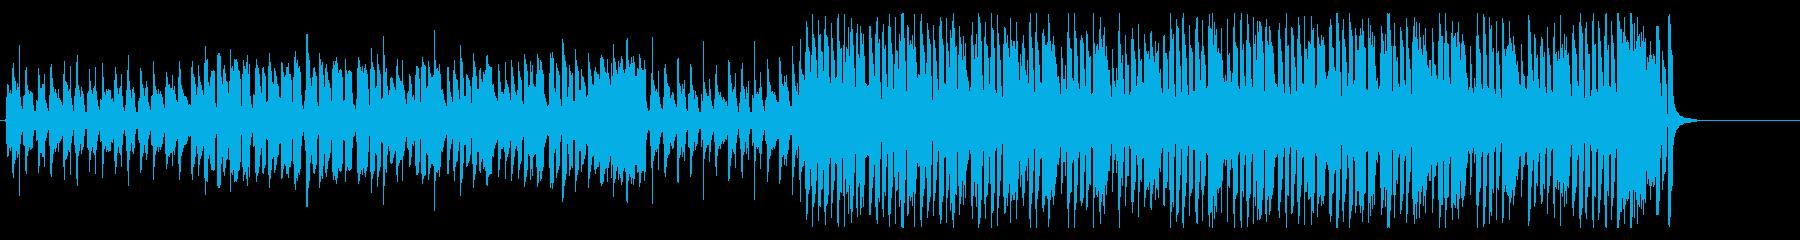 楽天的で陽気・暖かくてハッピーなBGMの再生済みの波形